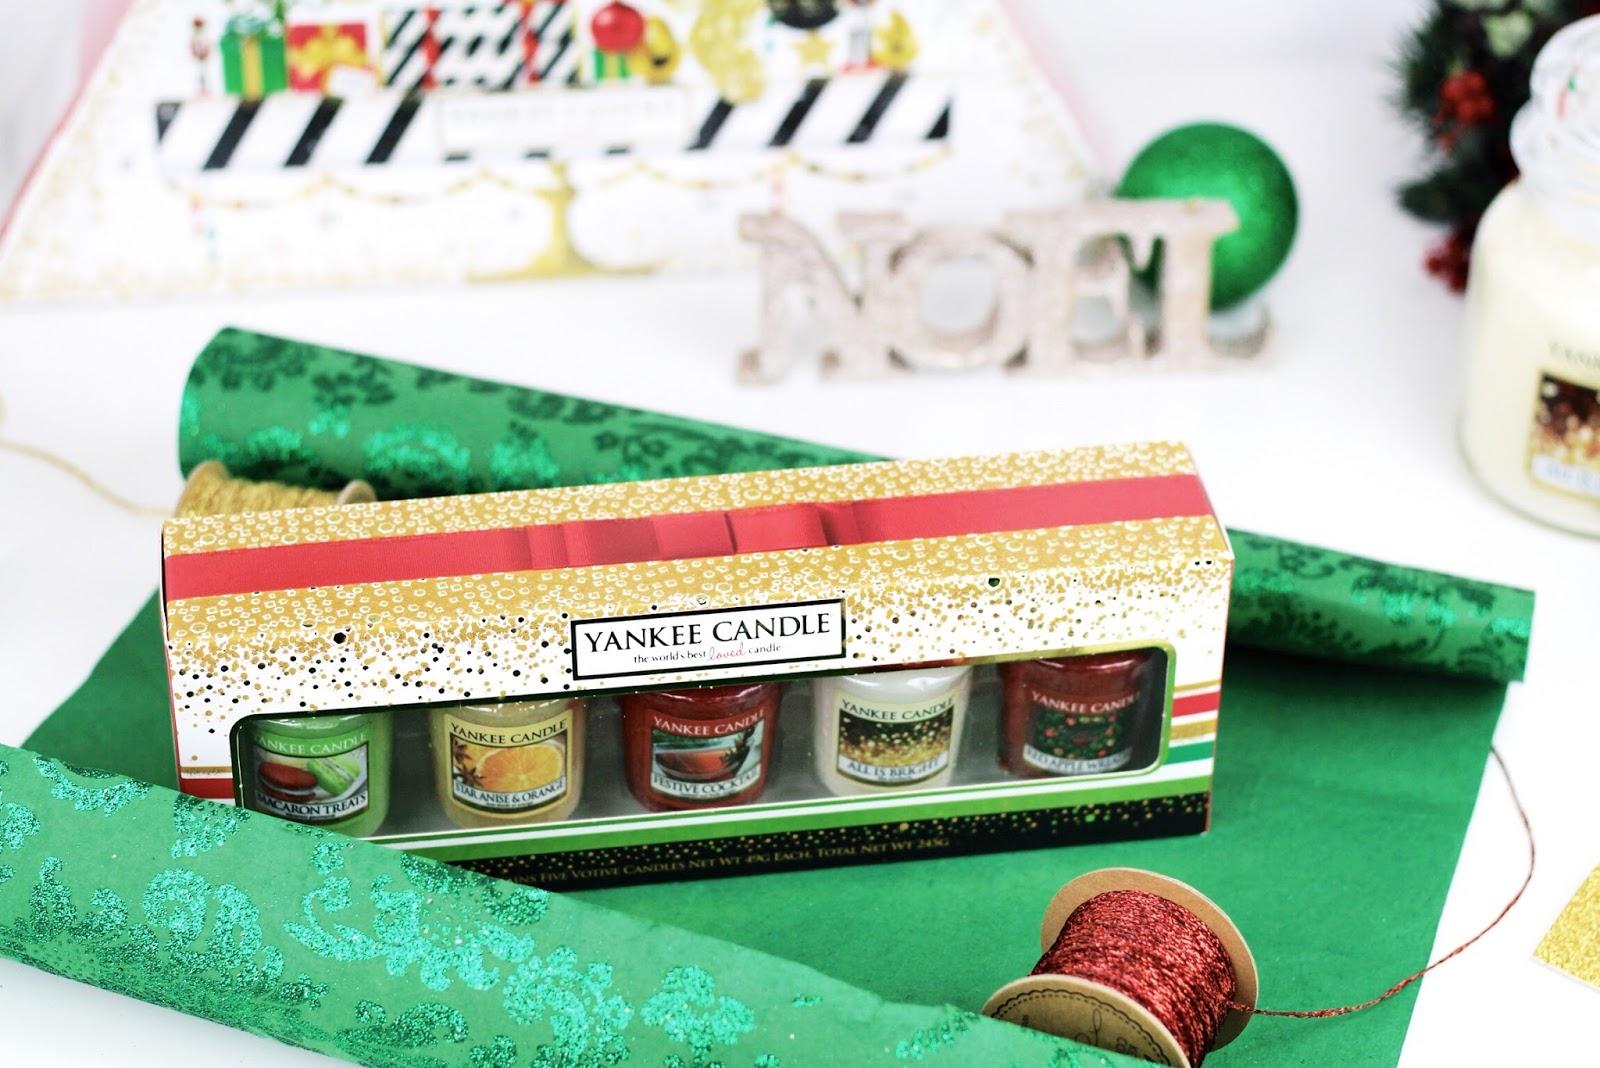 Yankee Candle set of 5 festive votives